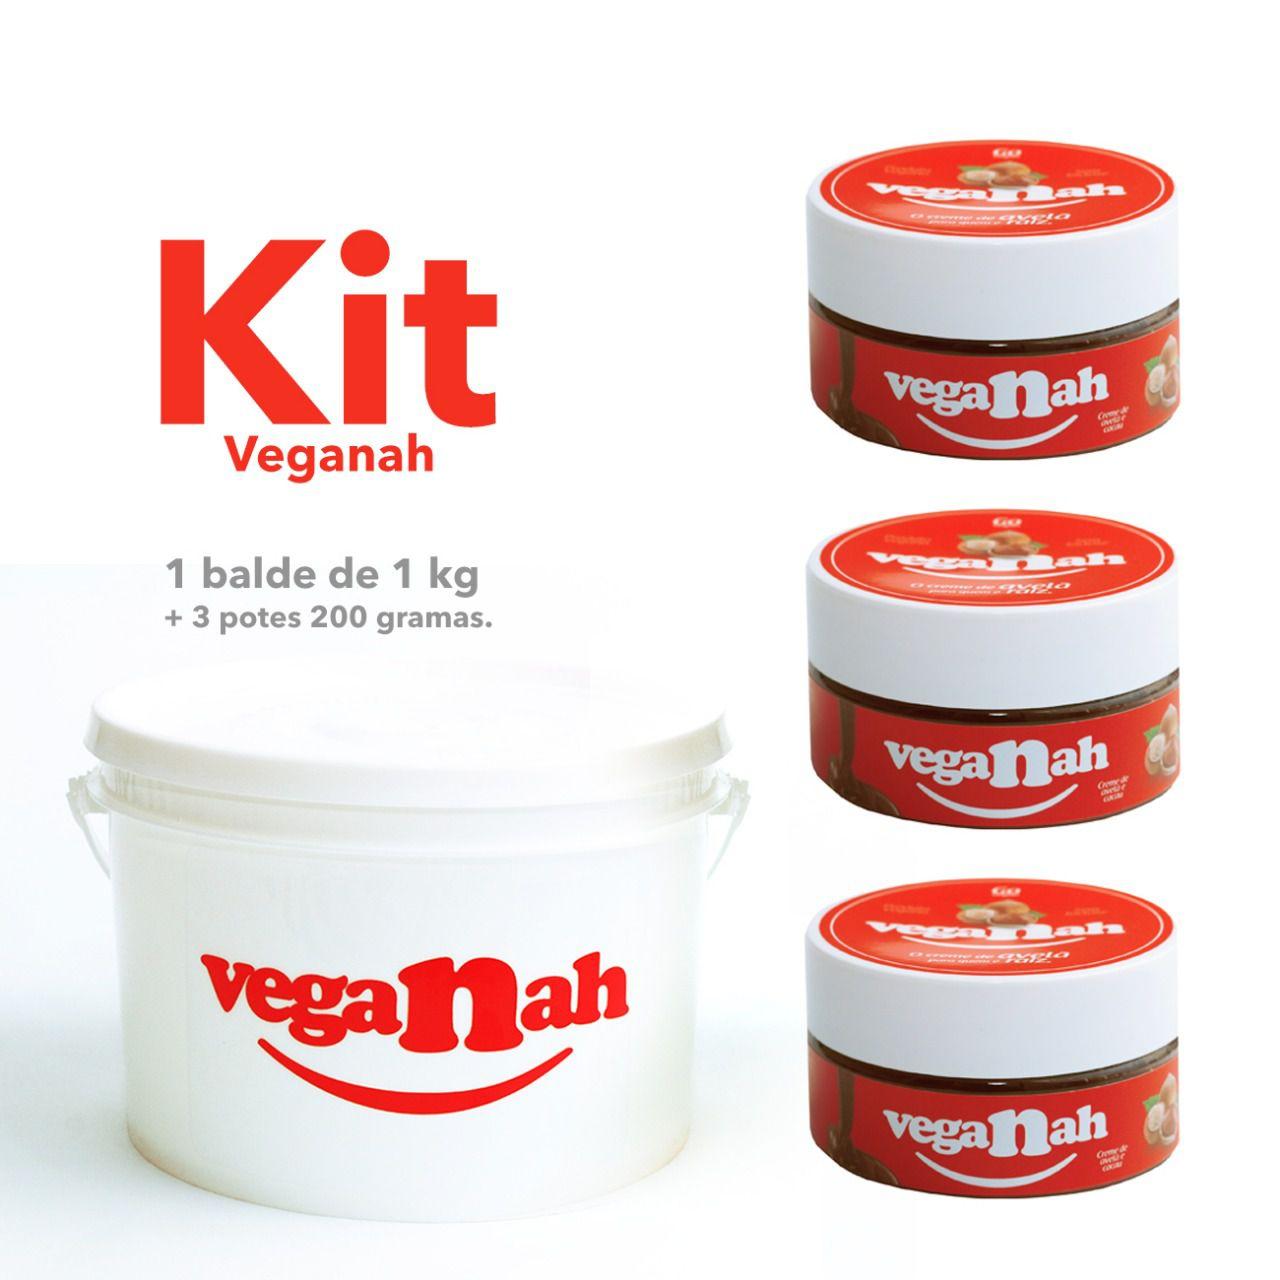 KIT PROMOCIONAL VEGANAH - 3 potes (200g) + 1 Balde (1kg)